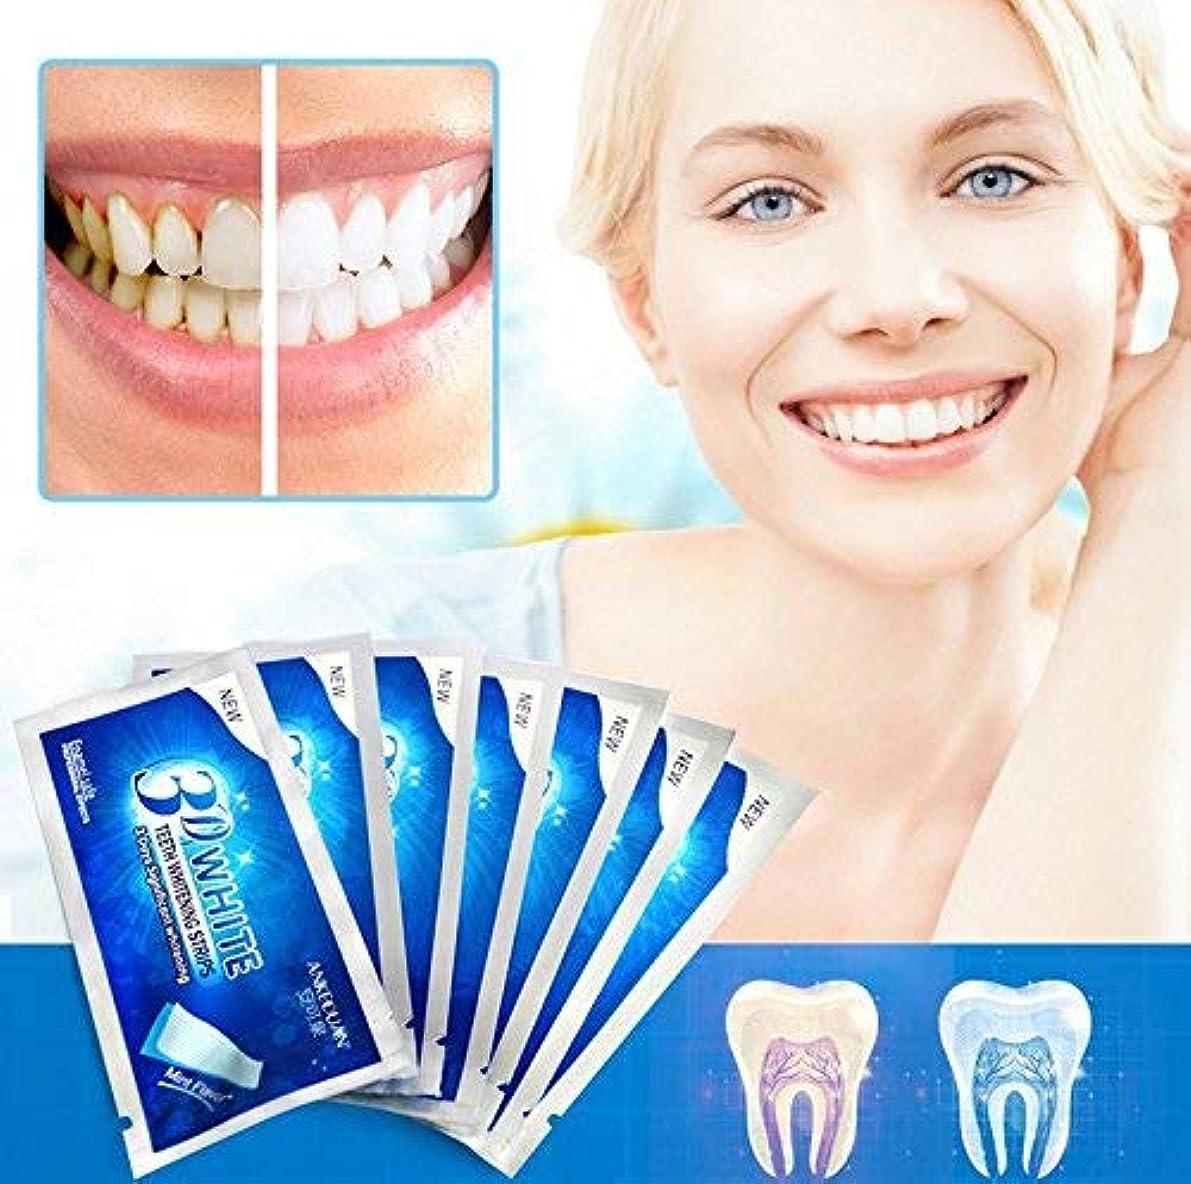 制限された習慣規範歯 美白 歯 ホワイトニング 歯 ケア 歯磨き 歯マニキュア 歯を白 (14)